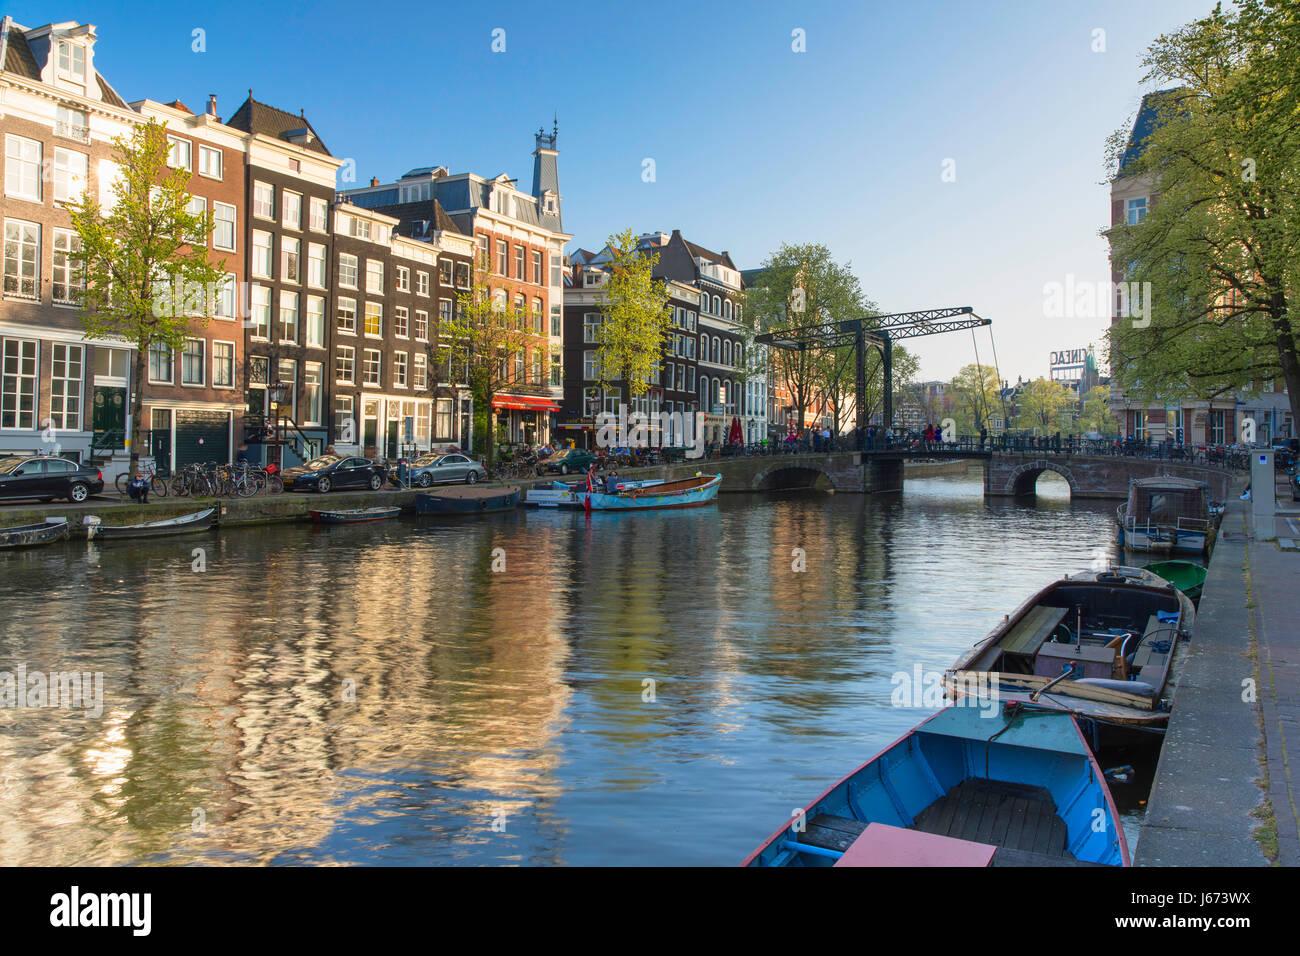 Kloveniersburgwal Kanal, Amsterdam, Niederlande Stockbild